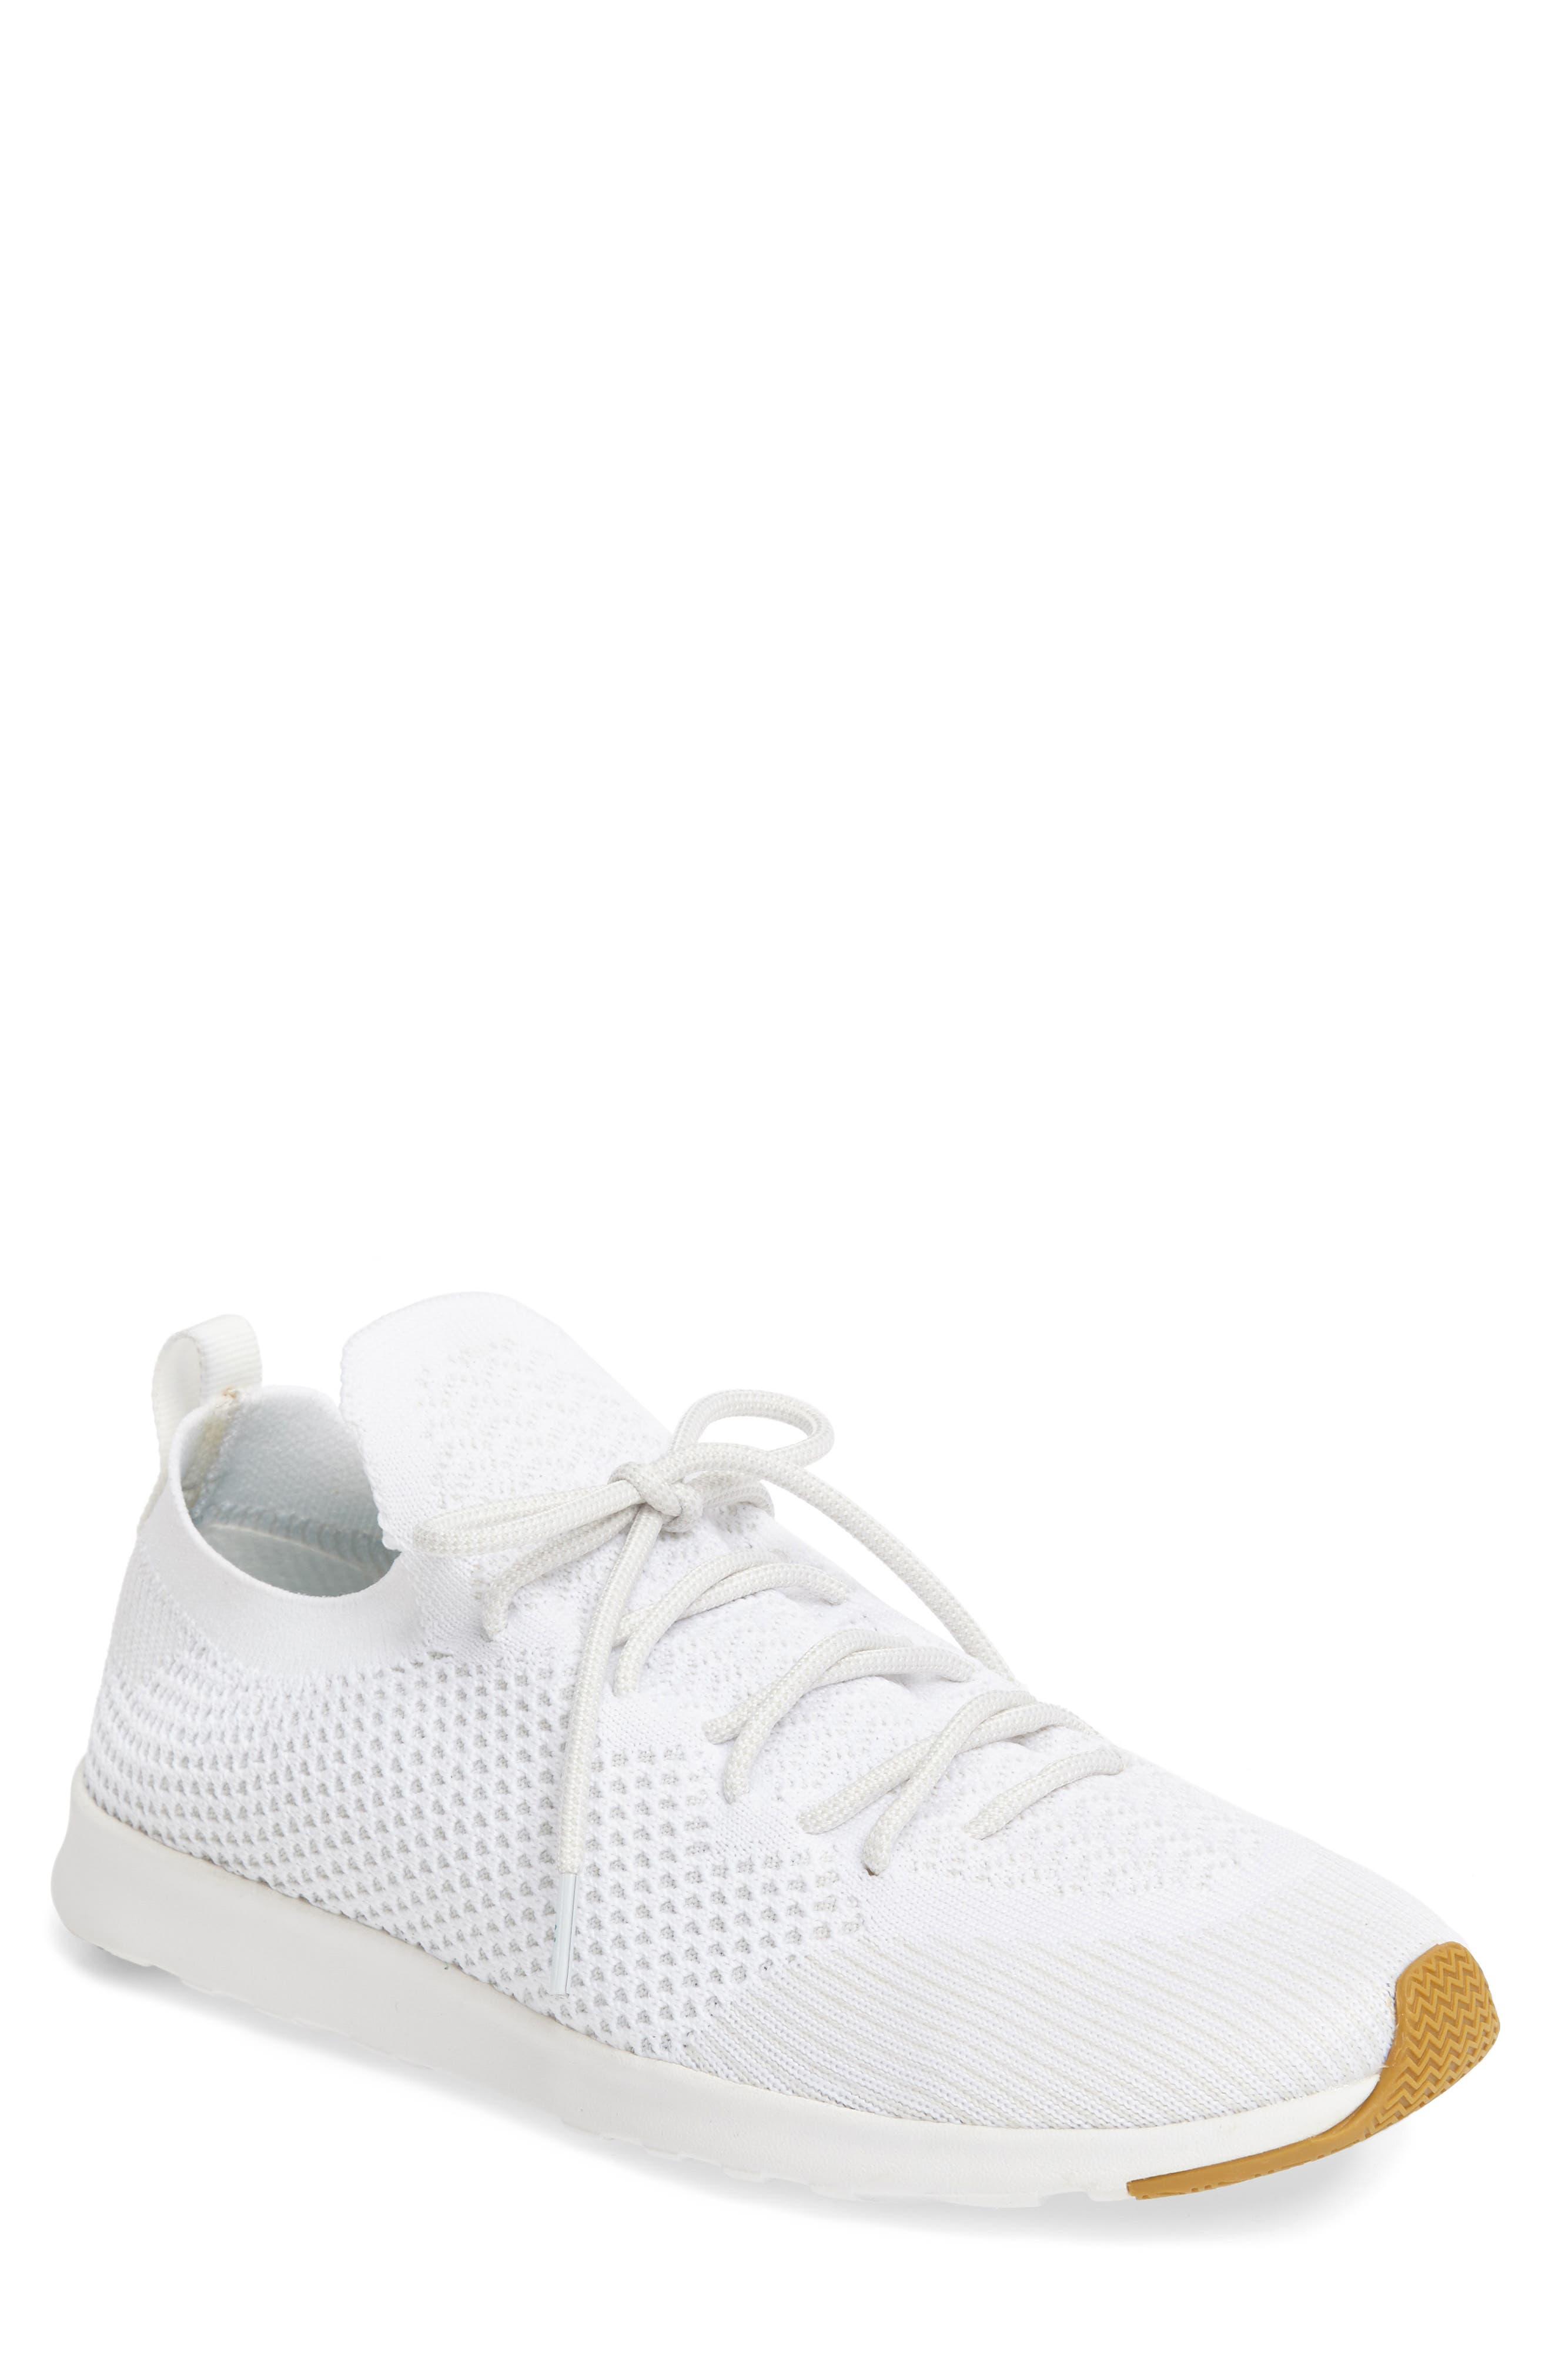 Native Shoes AP Mercury Liteknit™ Sneaker